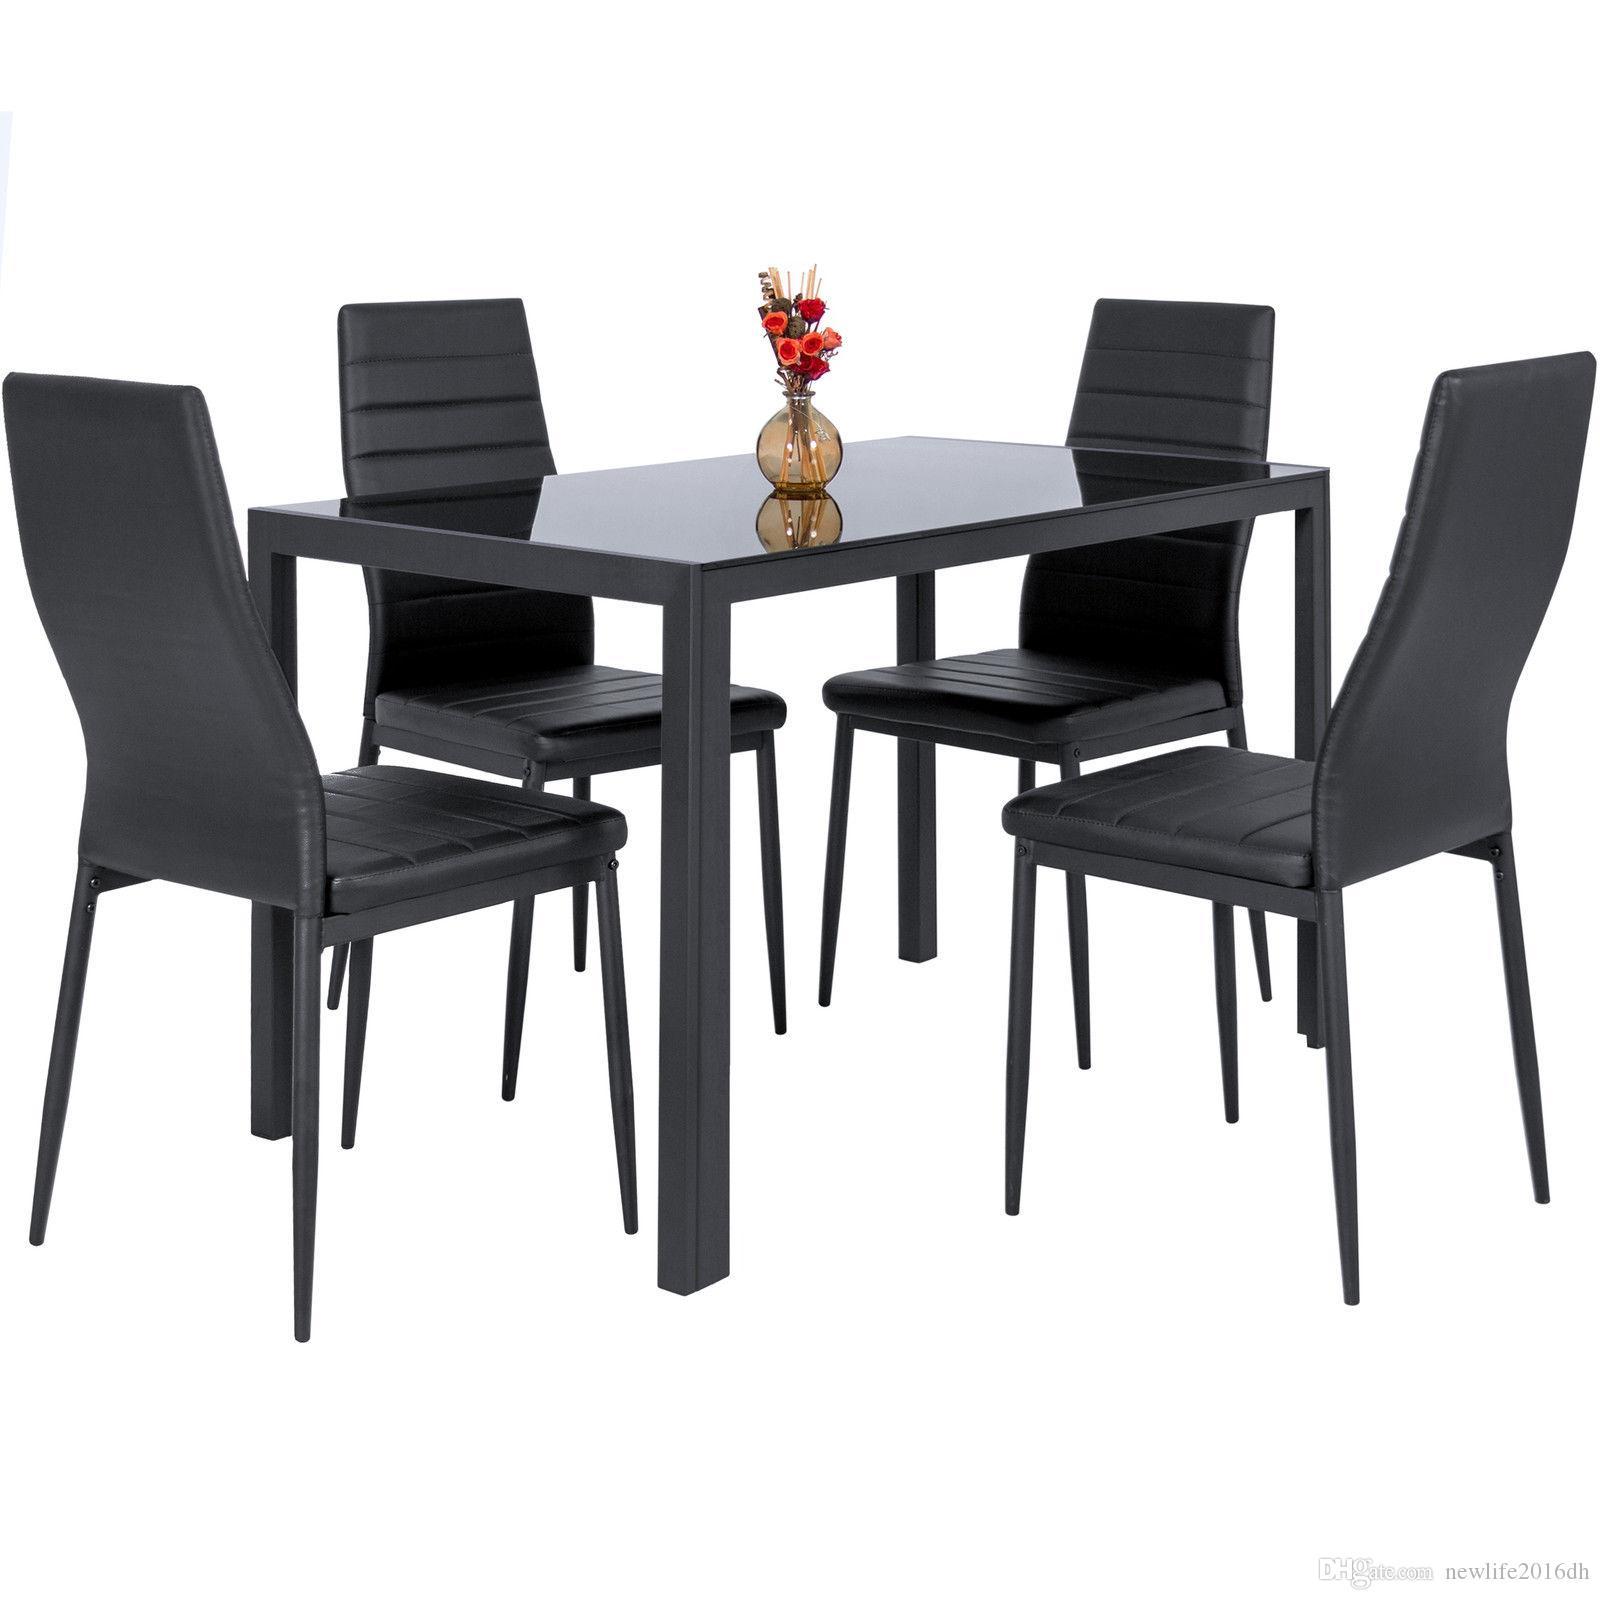 Table de salle à manger 5 pièces de cuisine avec plateau en verre et 4  chaises en cuir Dinette - noir